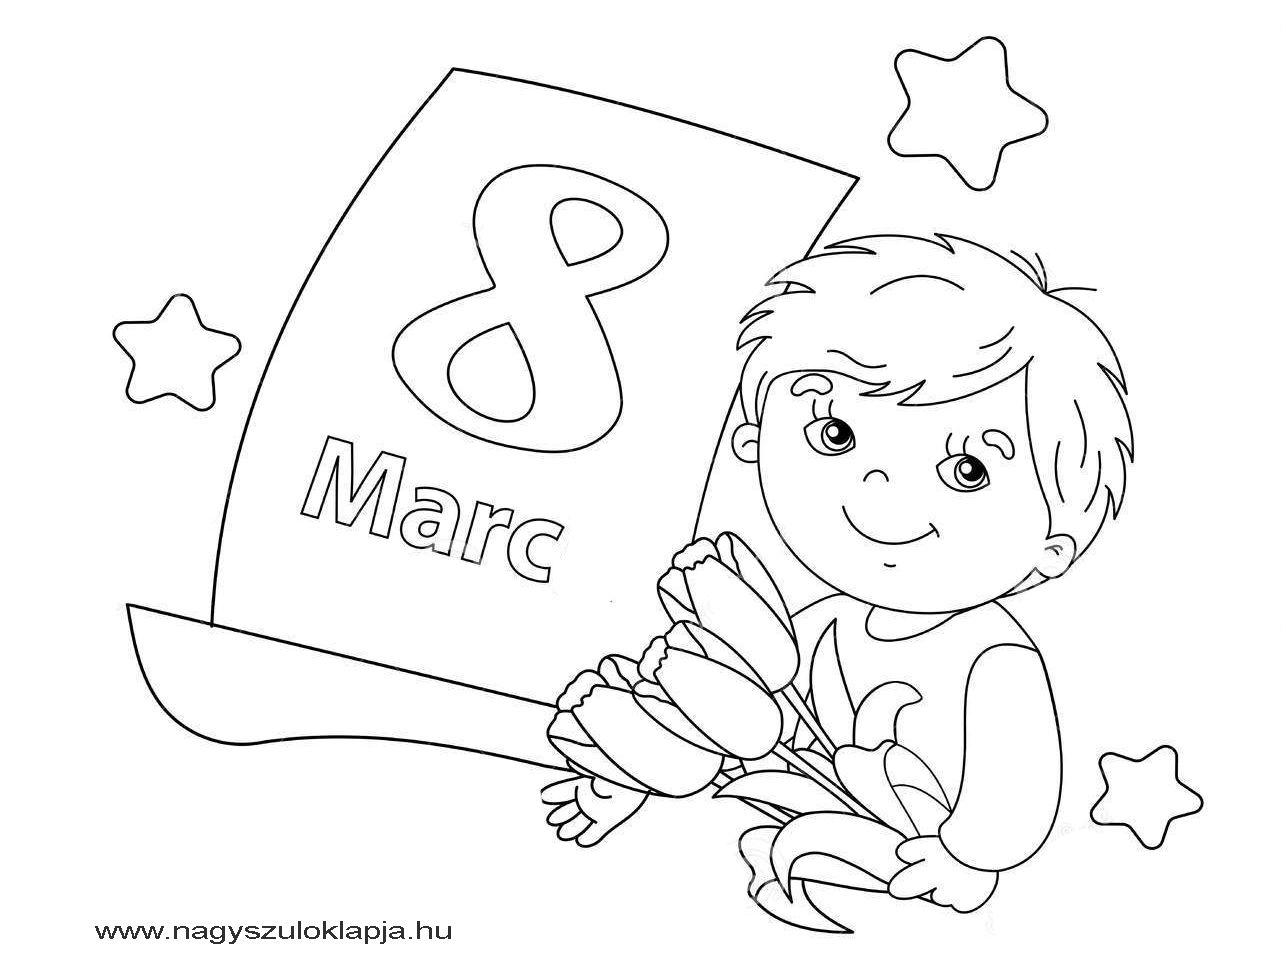 Nőnap - 10 letölthető, nyomtatható színező a gyerekeknek nőnap alkalmából